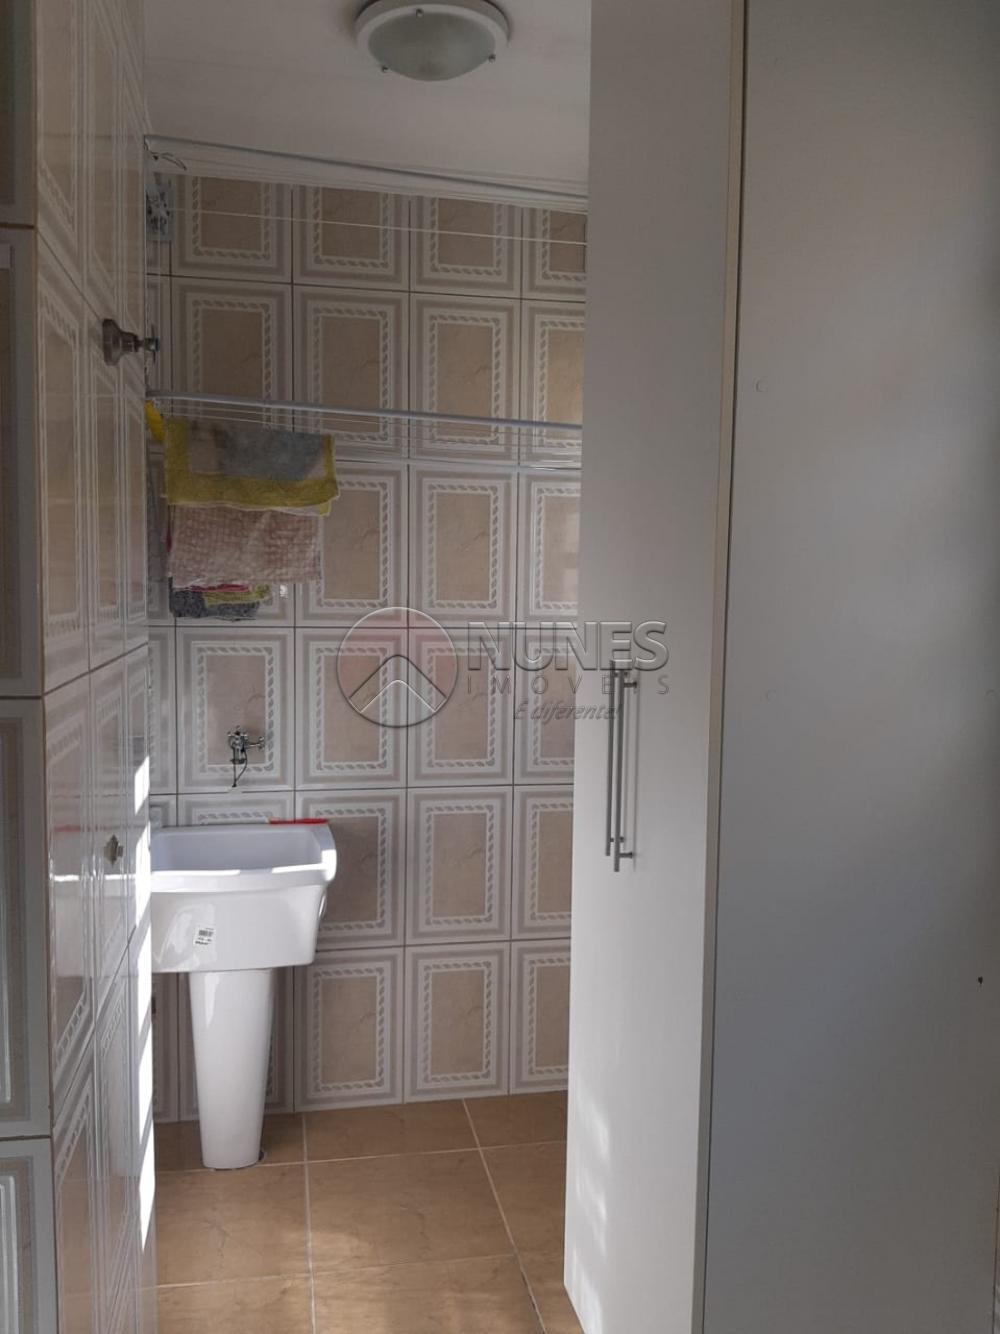 Comprar Apartamento / Padrão em São Paulo apenas R$ 220.000,00 - Foto 16